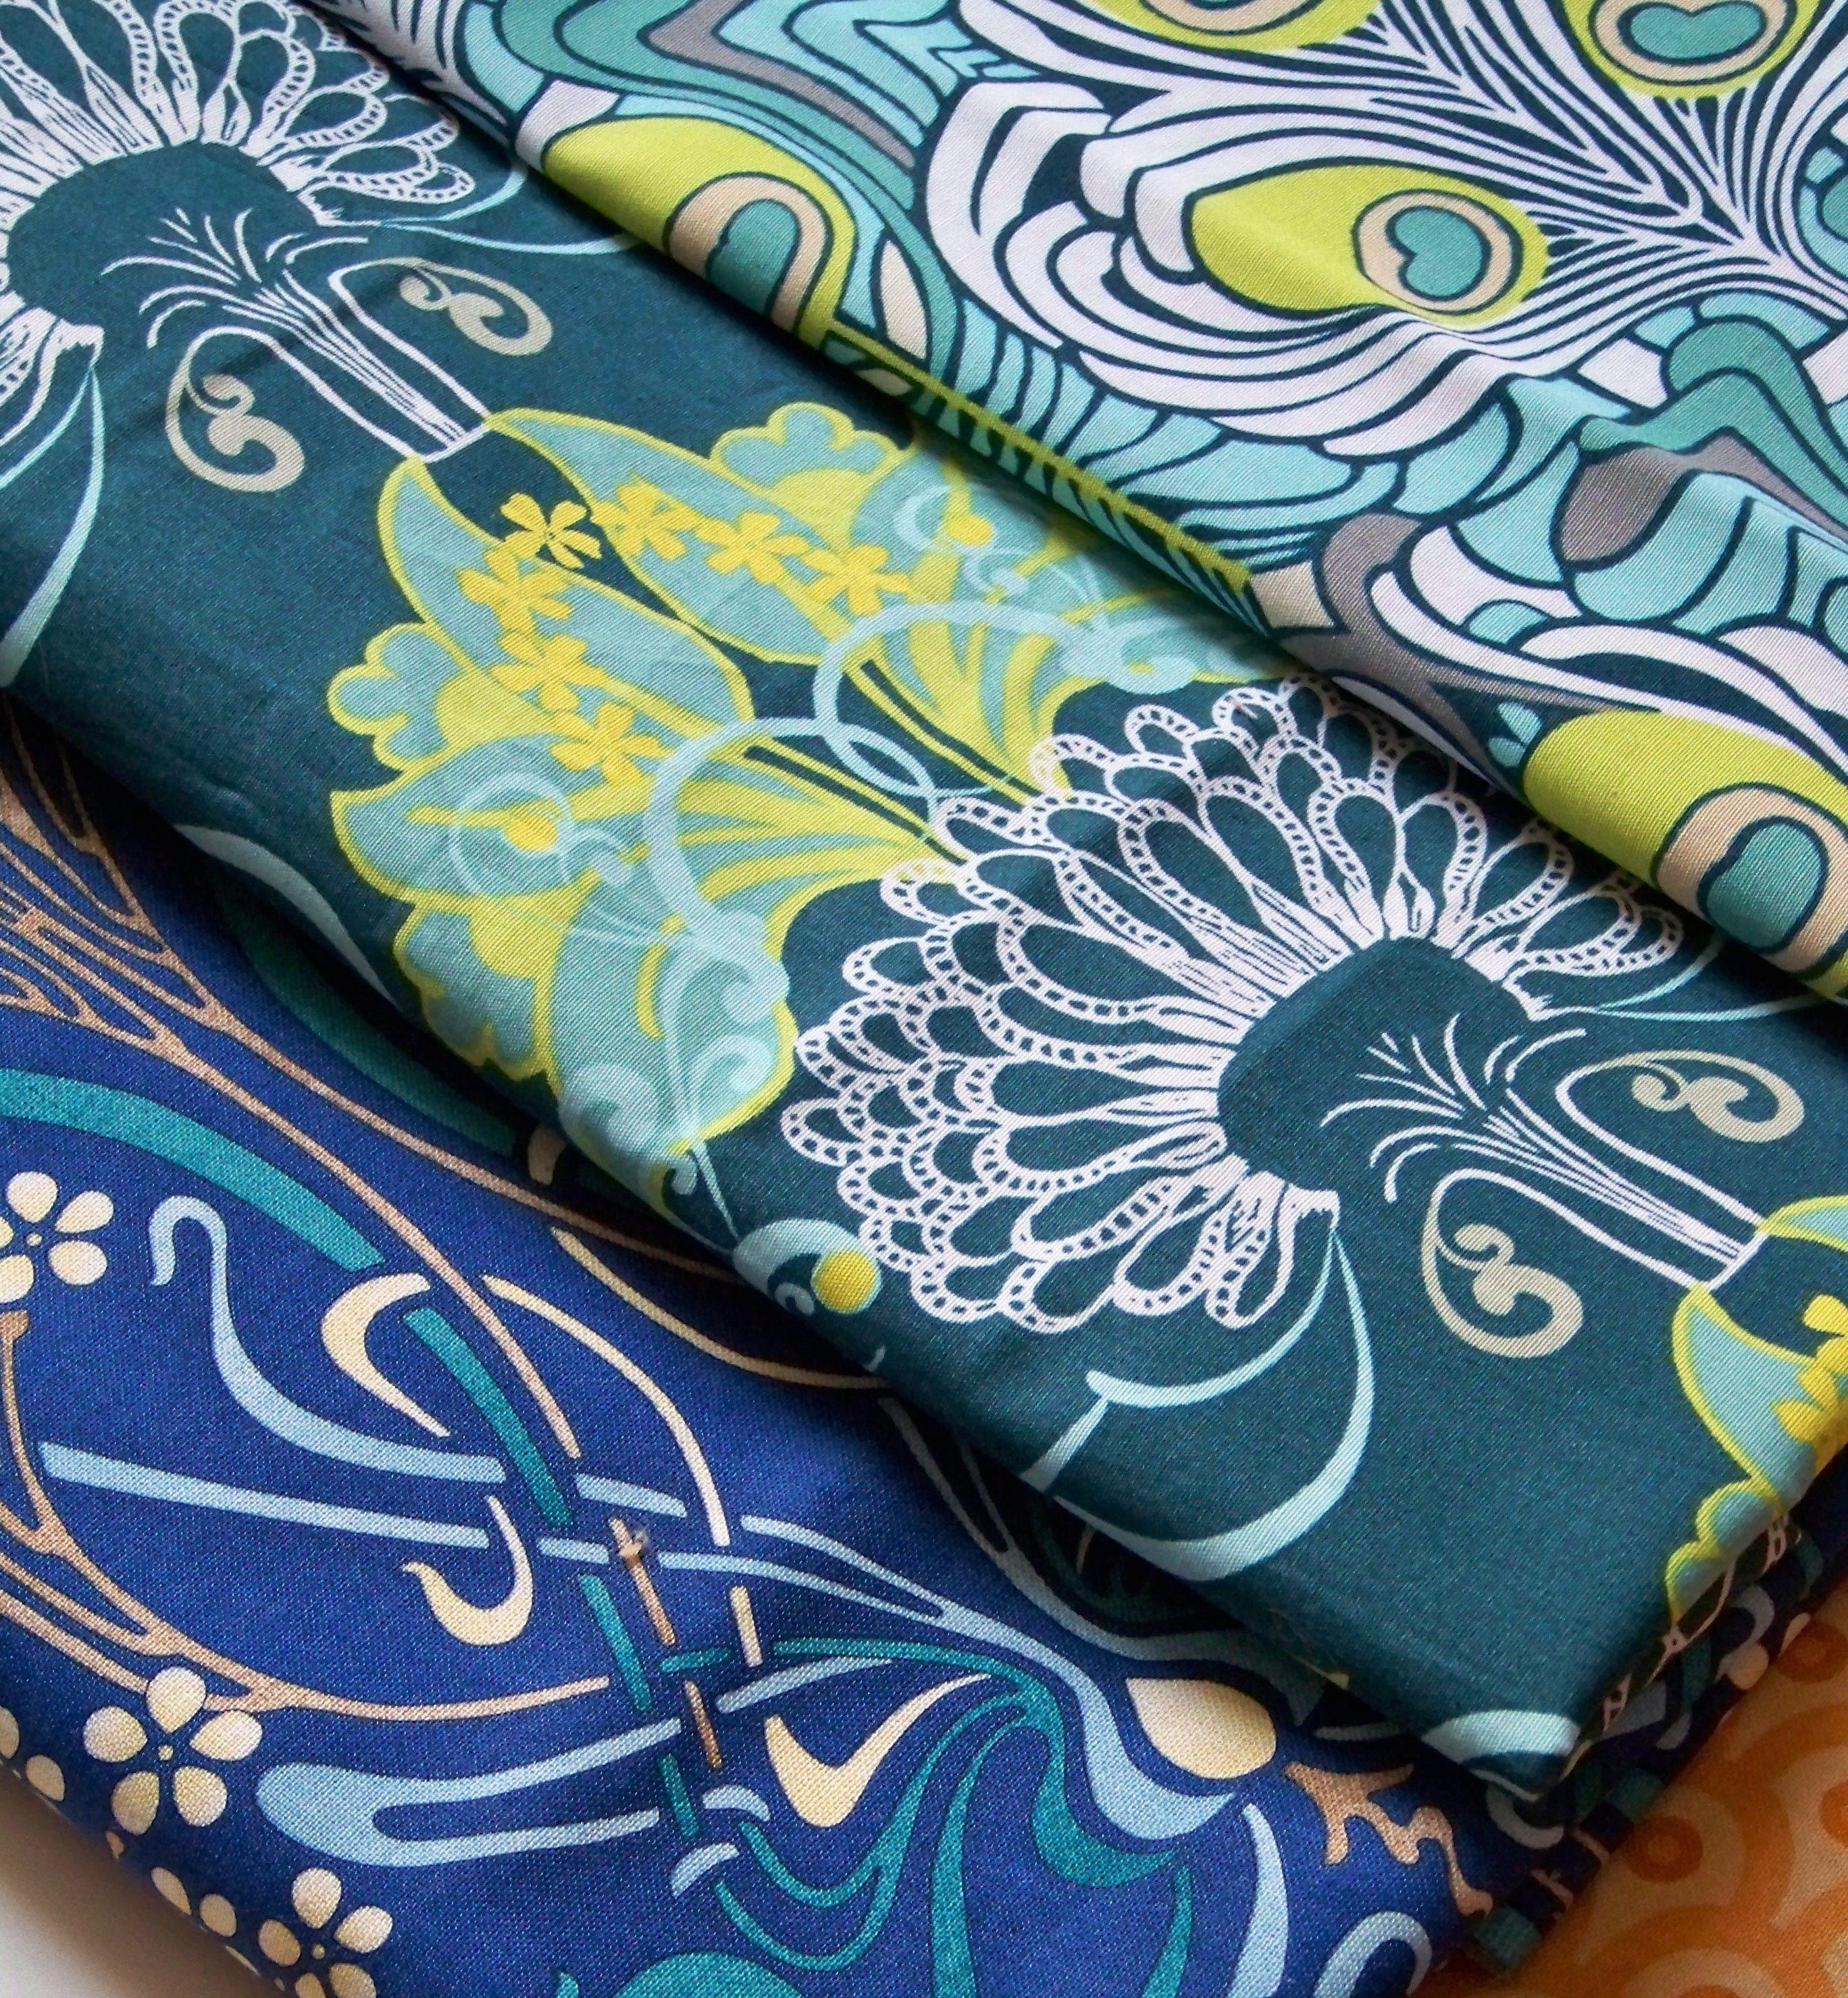 Art Deco Inspirations… Art deco fabric, Art deco, Art